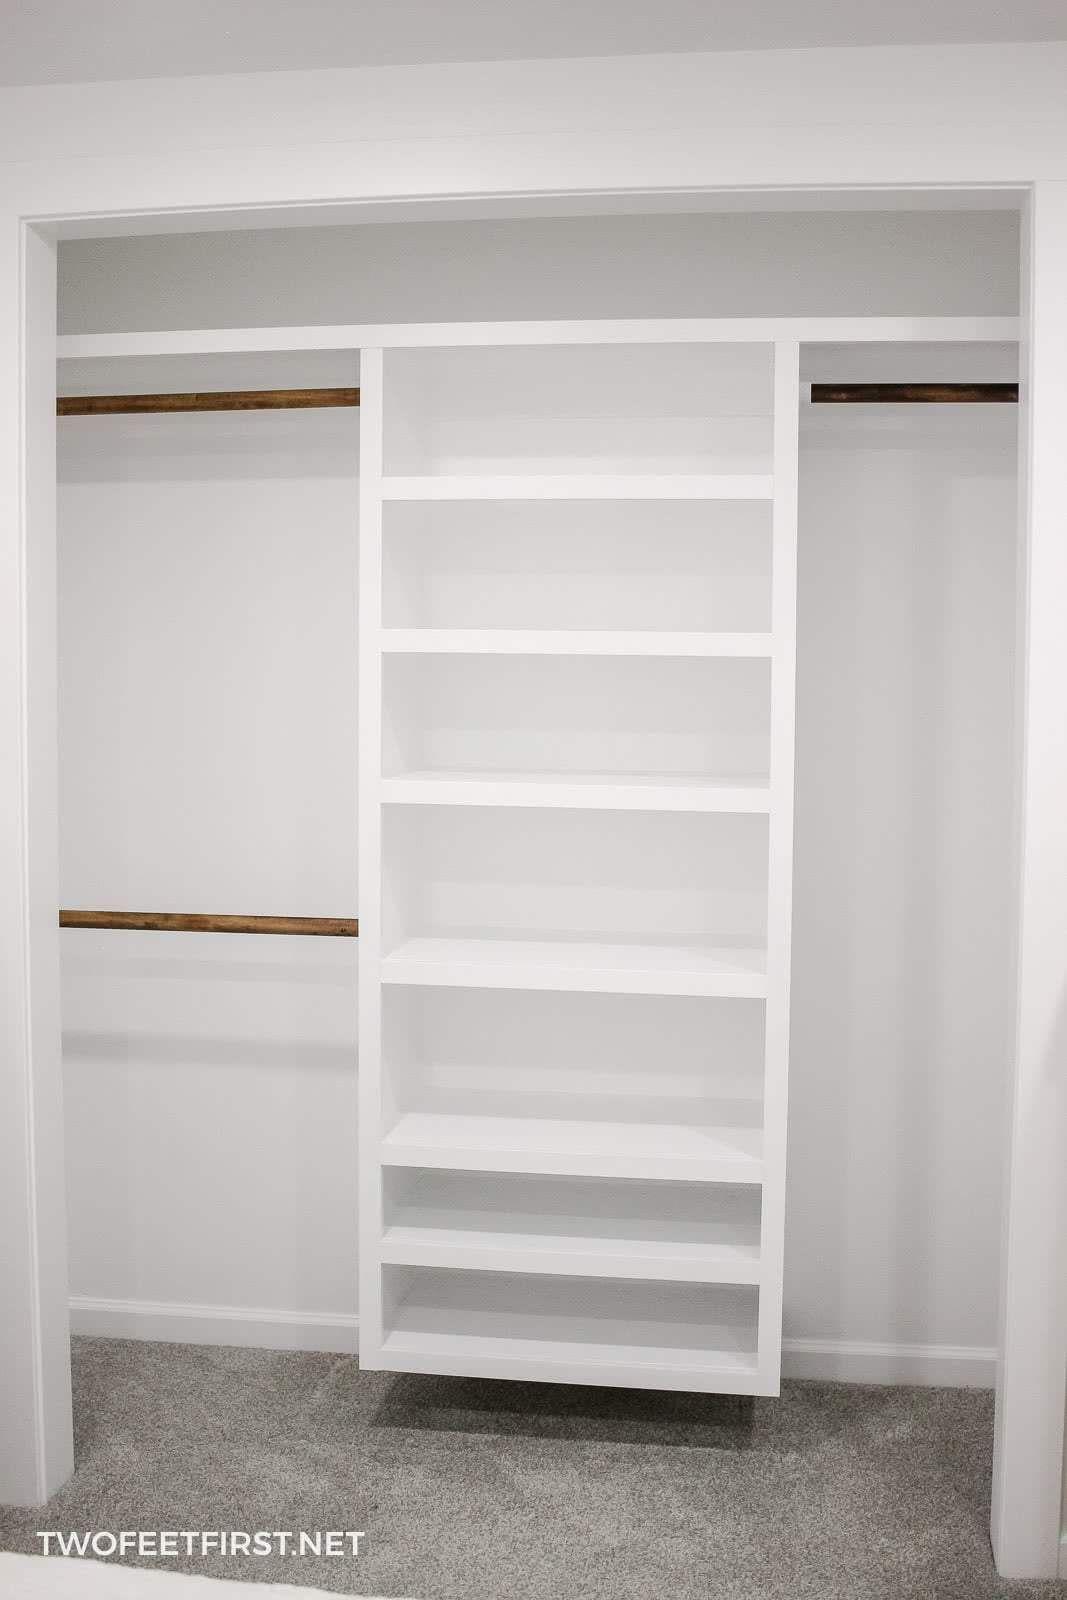 How to Build an Easy DIY Closet Organizer Build to